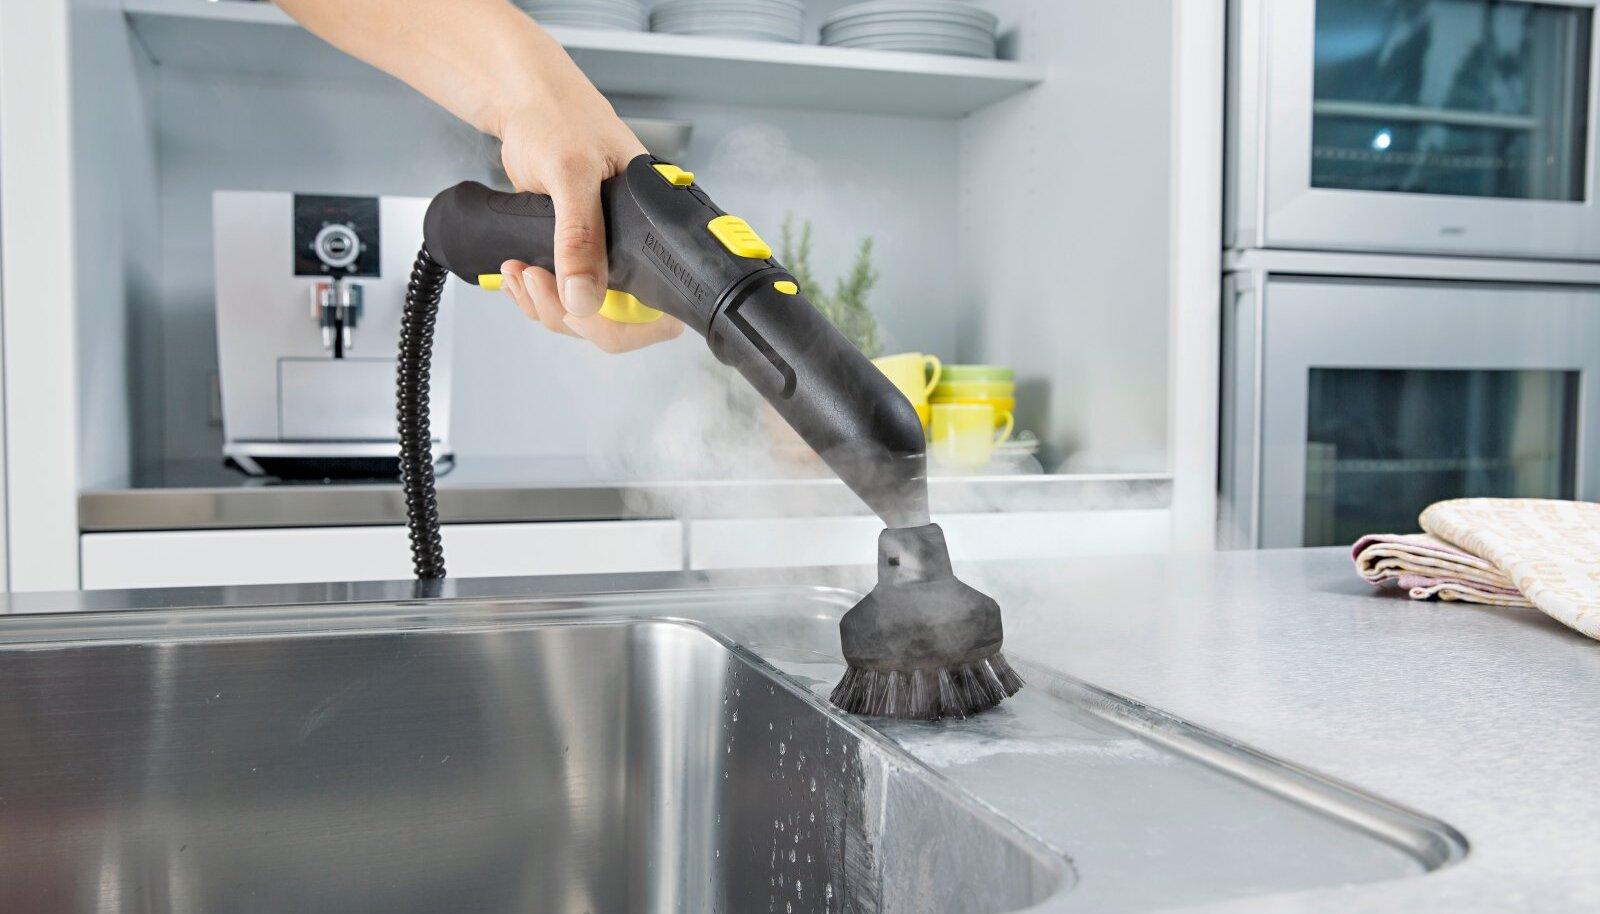 Erinevad otsikud hõlbustavad kodu puhastamist.